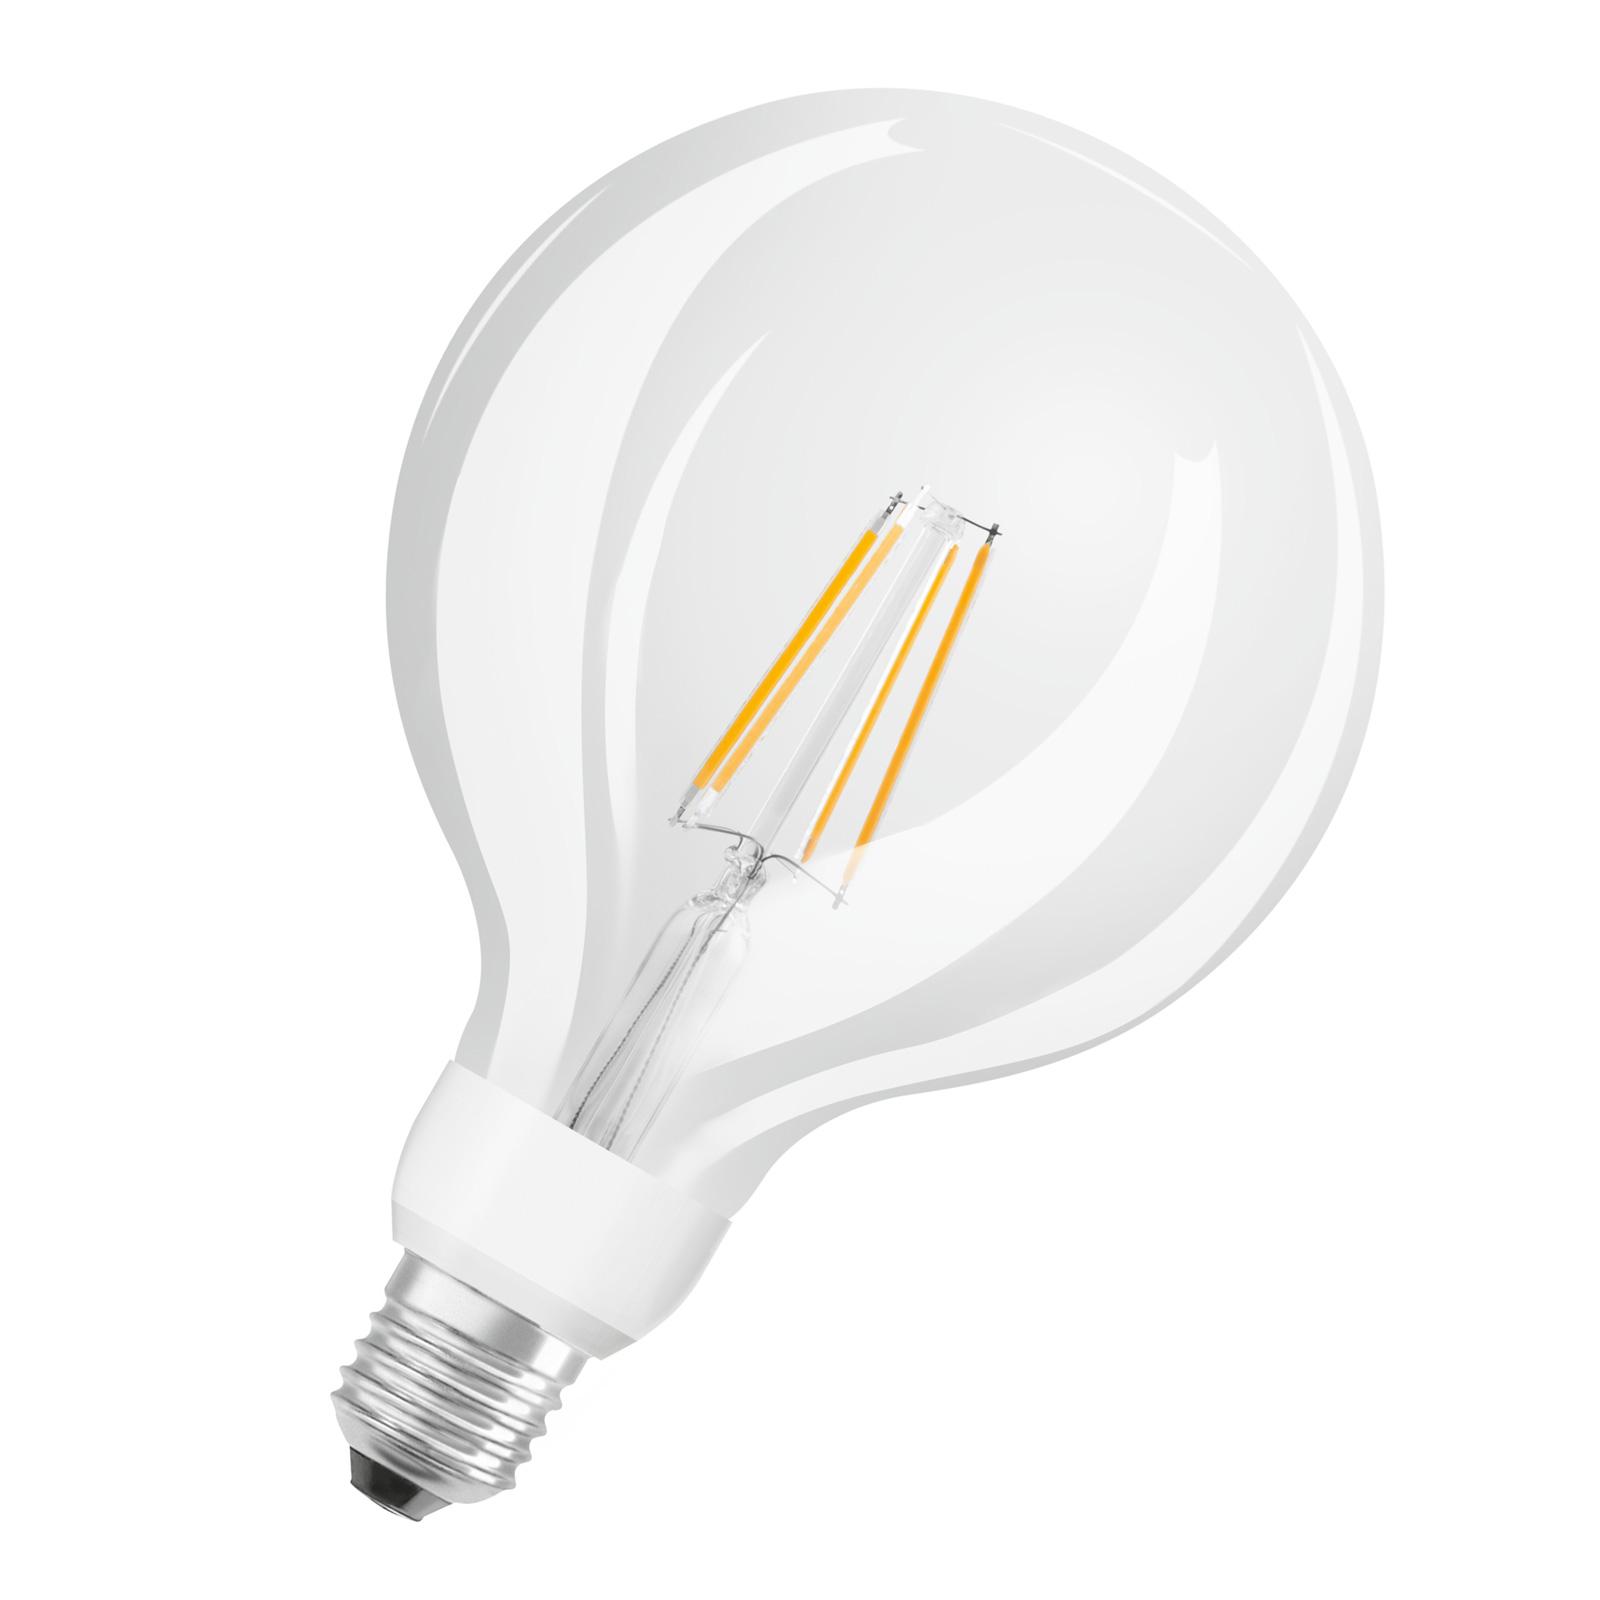 OSRAM żarówka globe kulista LED E27 G125 827 Glow